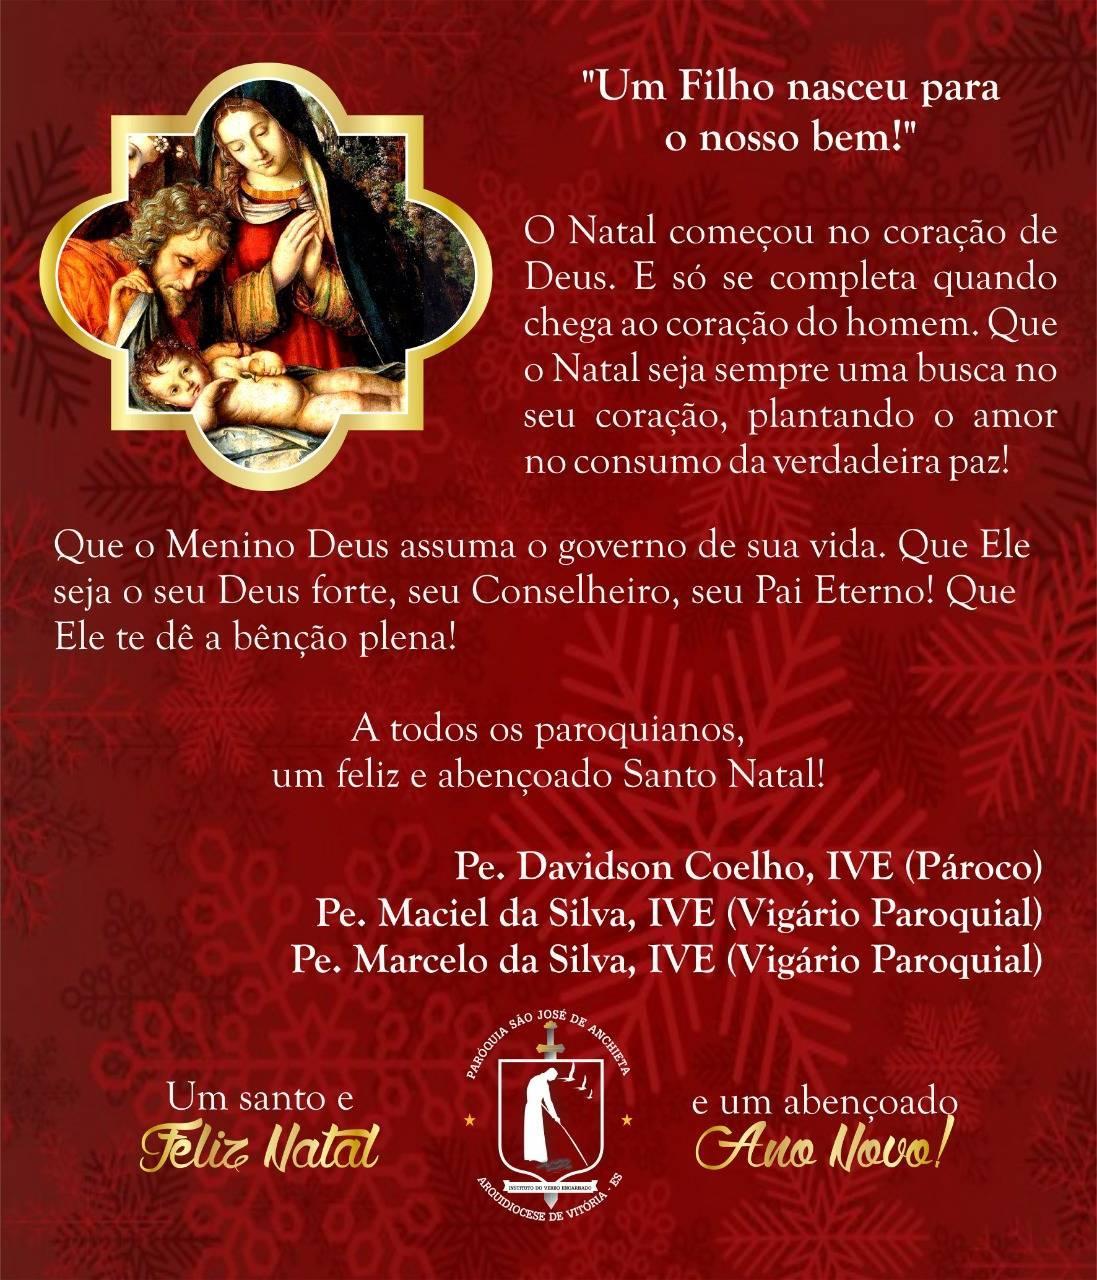 Brasil: Parroquia San José de Anchieta